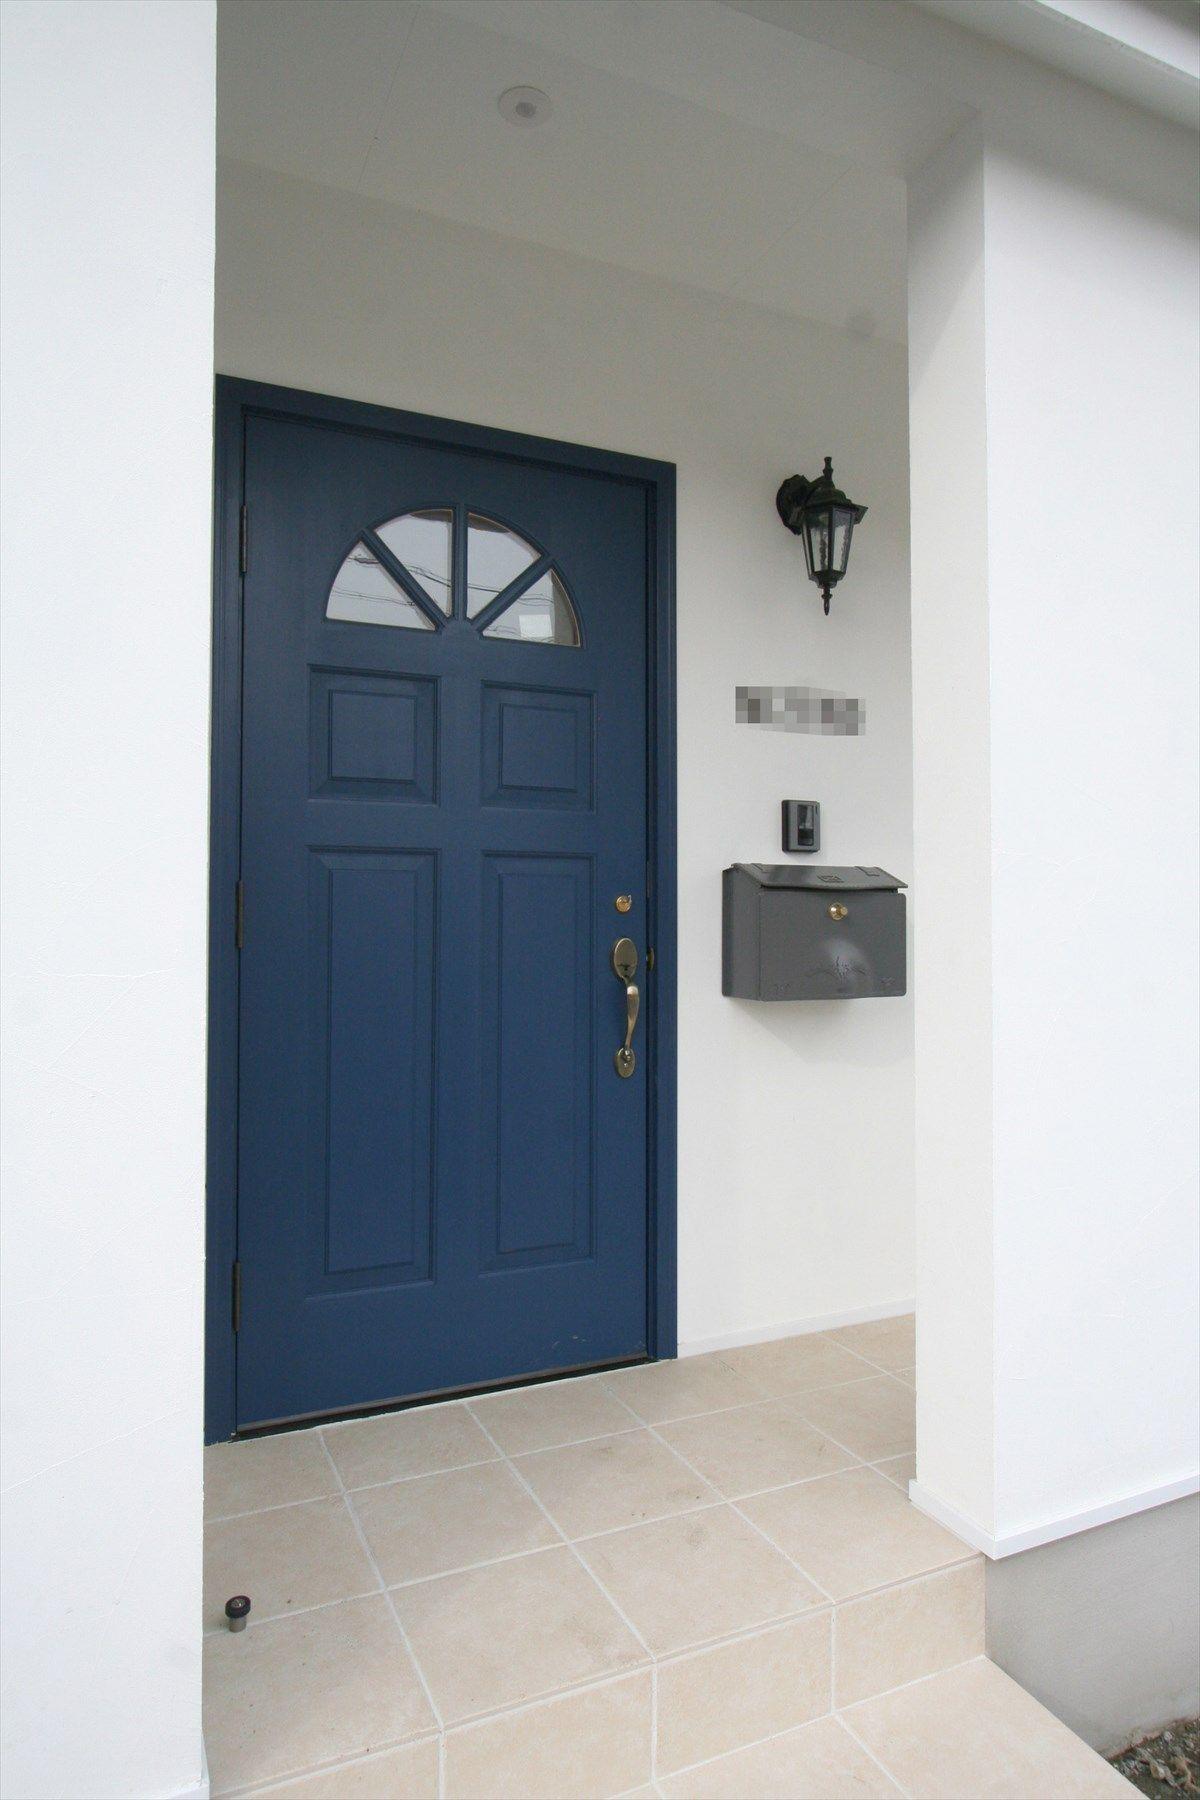 玄関ドア ドア 無垢ドア 輸入ドア 扉 注文住宅 施工例 ジャストの家 Door House Homedecor Housedesign 玄関ドア おしゃれ 玄関ドア 住宅